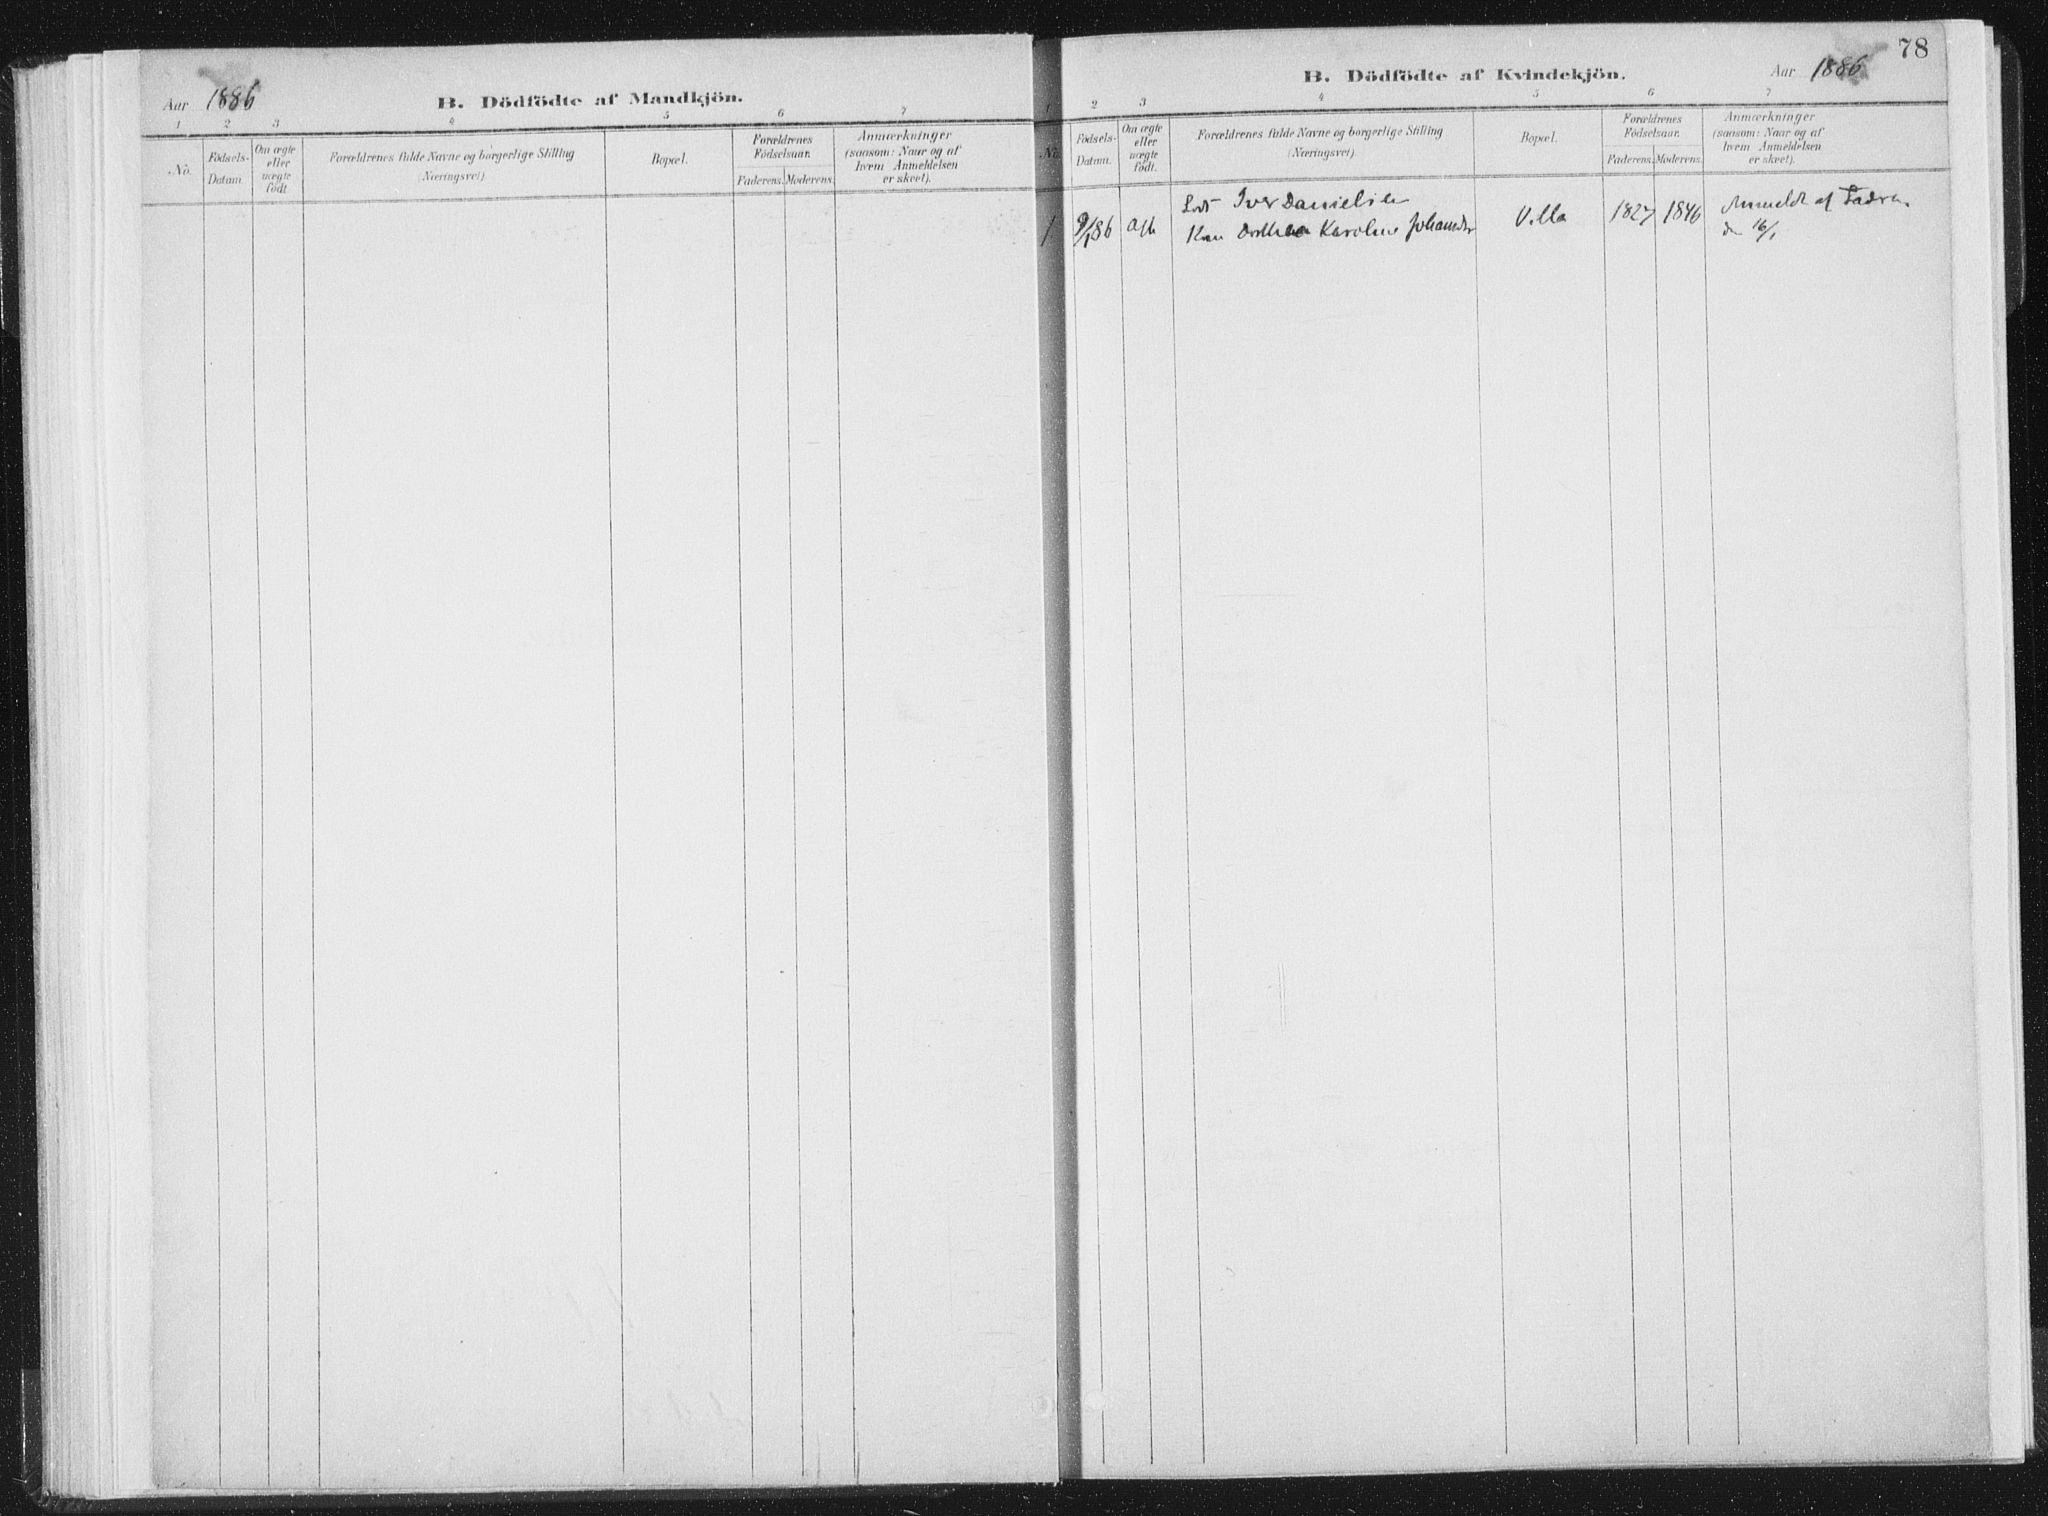 SAT, Ministerialprotokoller, klokkerbøker og fødselsregistre - Nord-Trøndelag, 771/L0597: Ministerialbok nr. 771A04, 1885-1910, s. 78